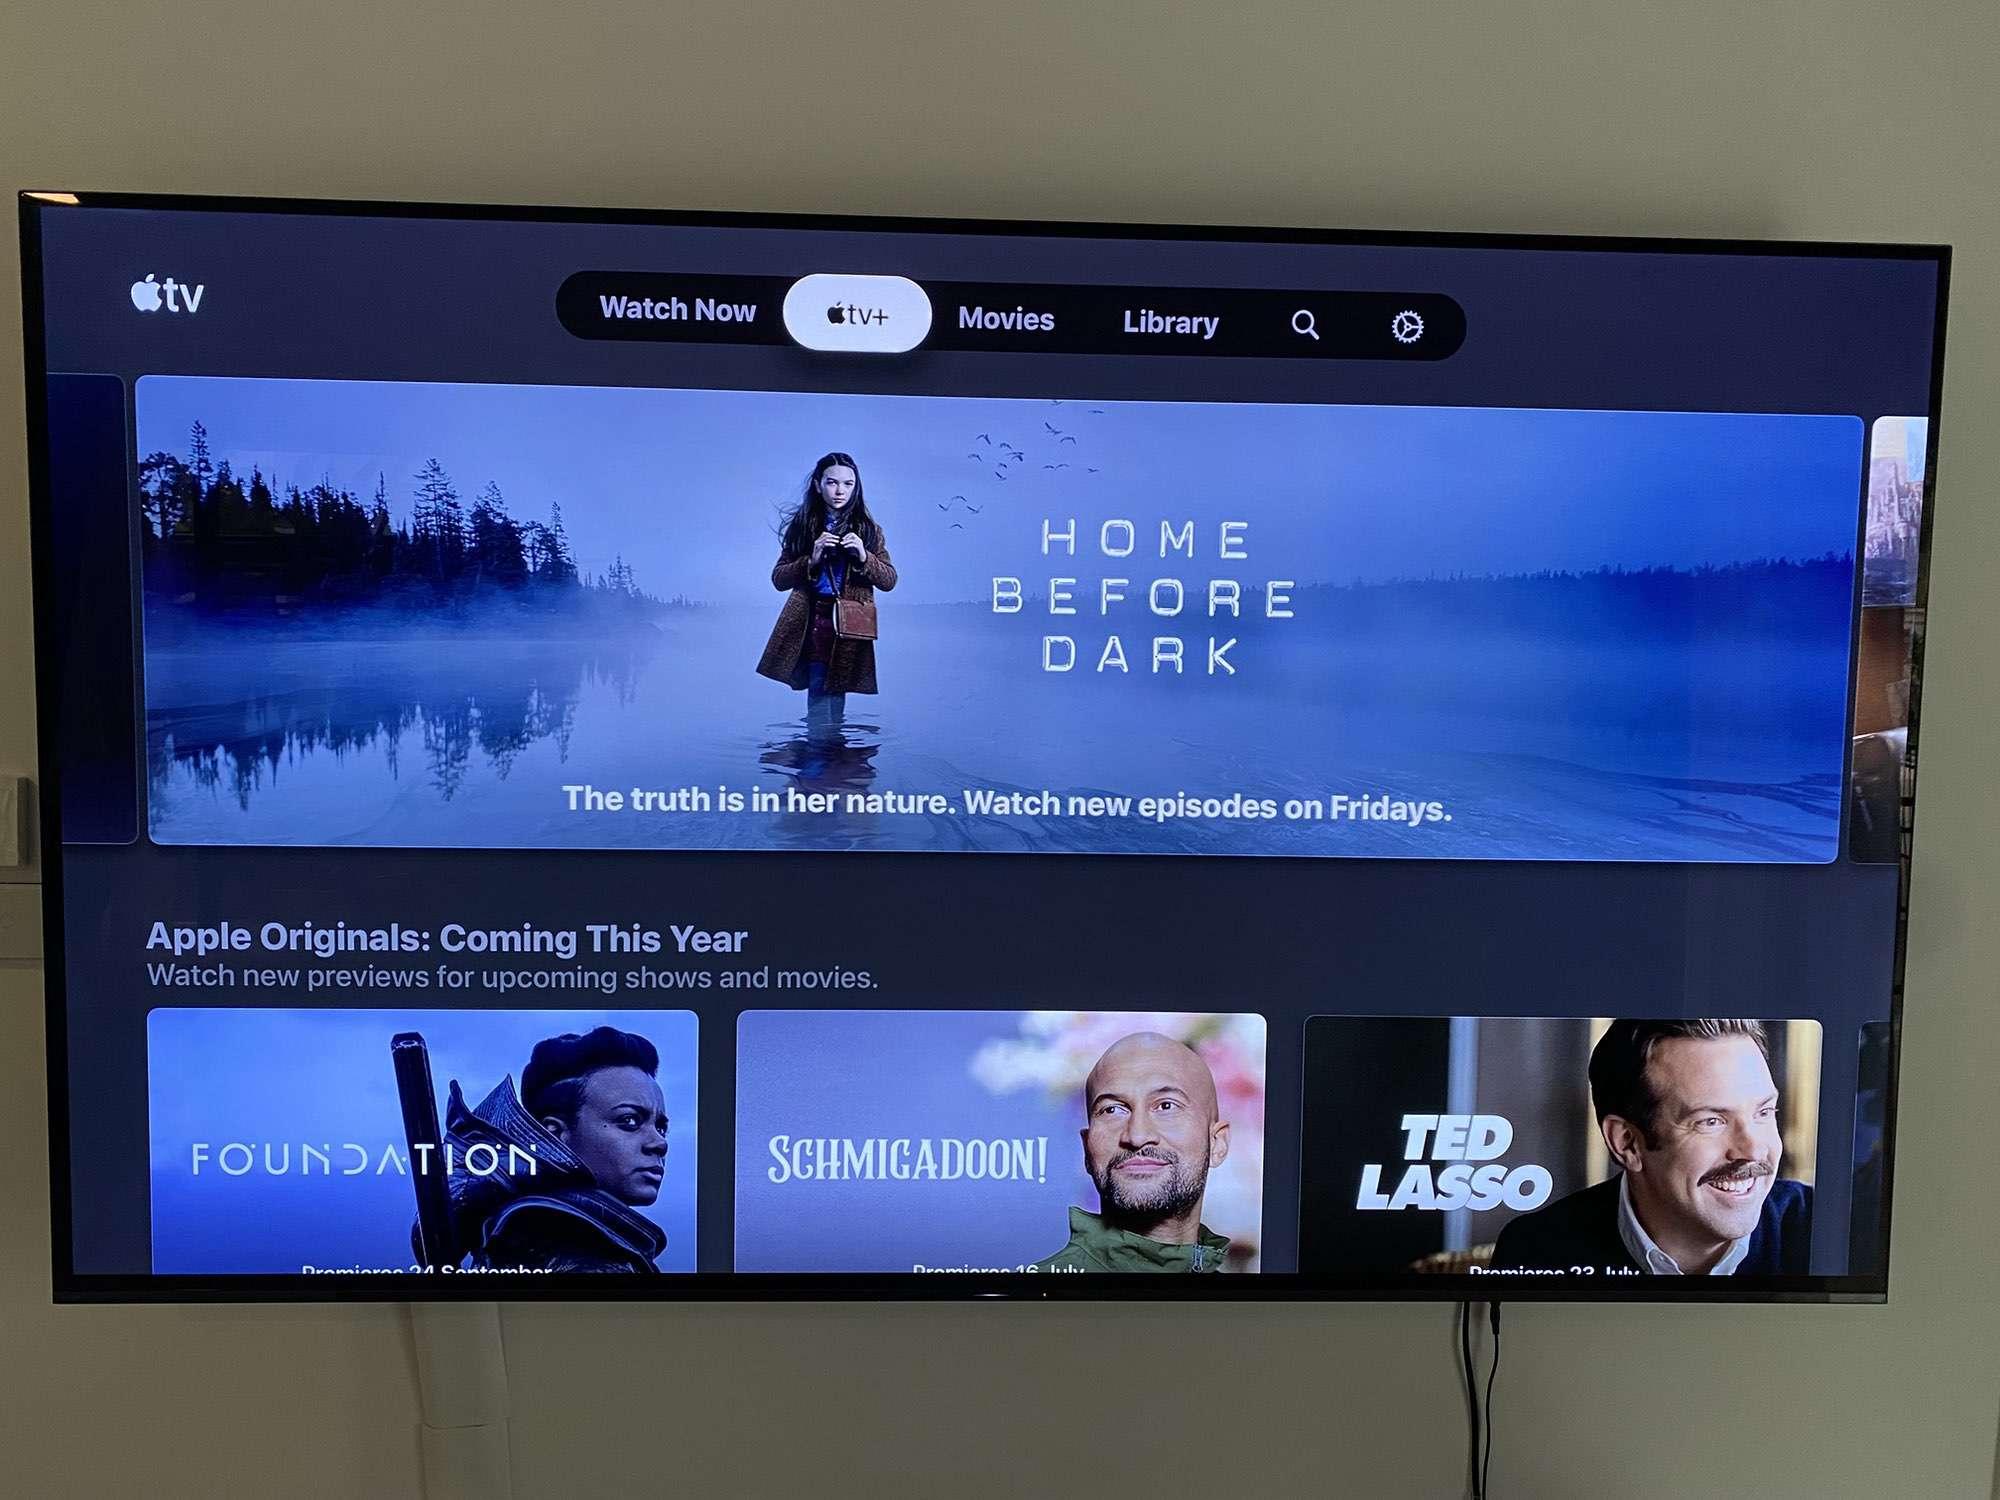 เปรียบเทียบคุณภาพบริการ Video Streaming ศึกแห่งห้องนั่งเล่นอันร้อนแรง Netflix, Apple TV+, Disney+ Hotstar